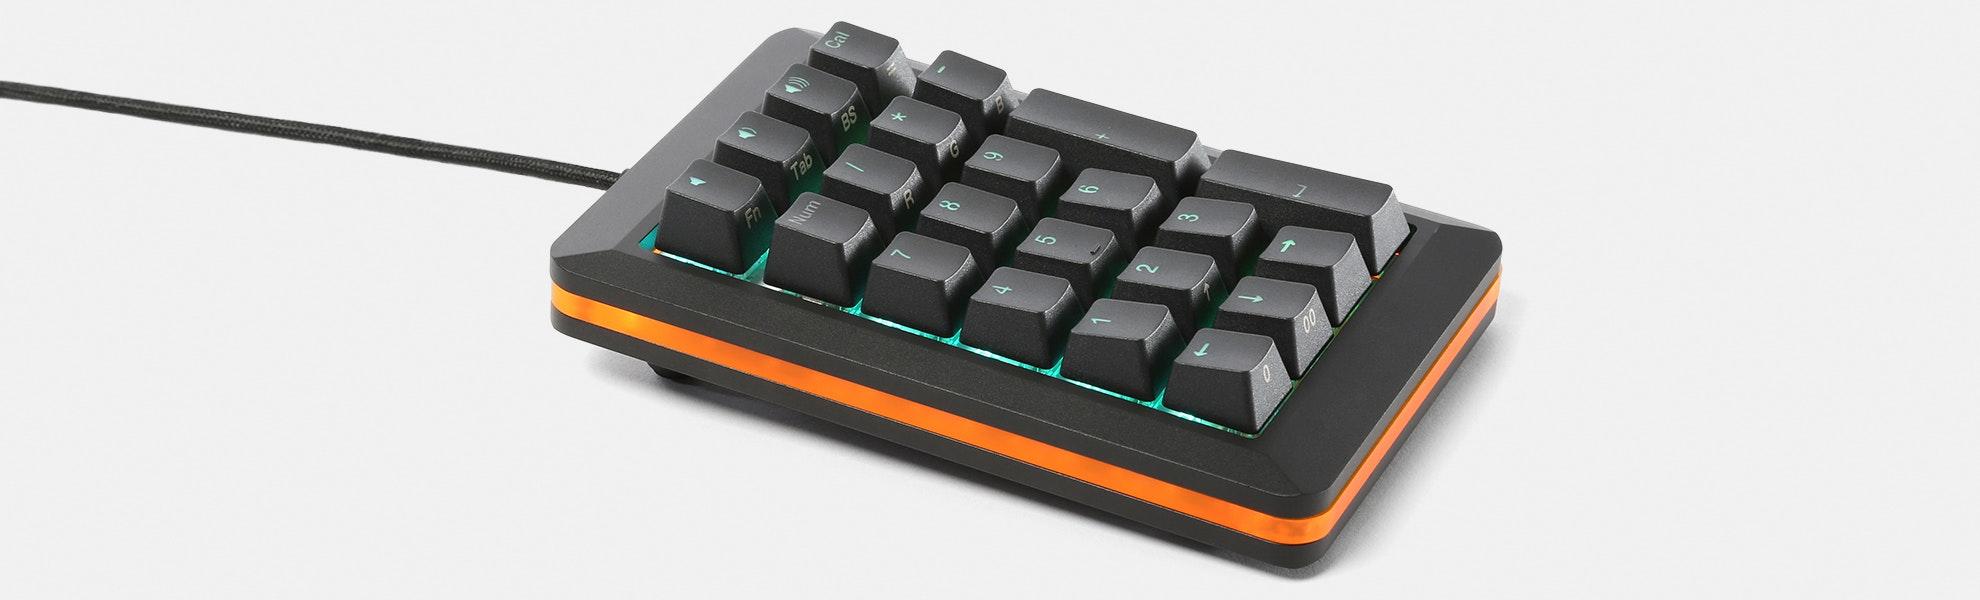 Mistel Freeboard MD200 RGB Mechanical Numpad